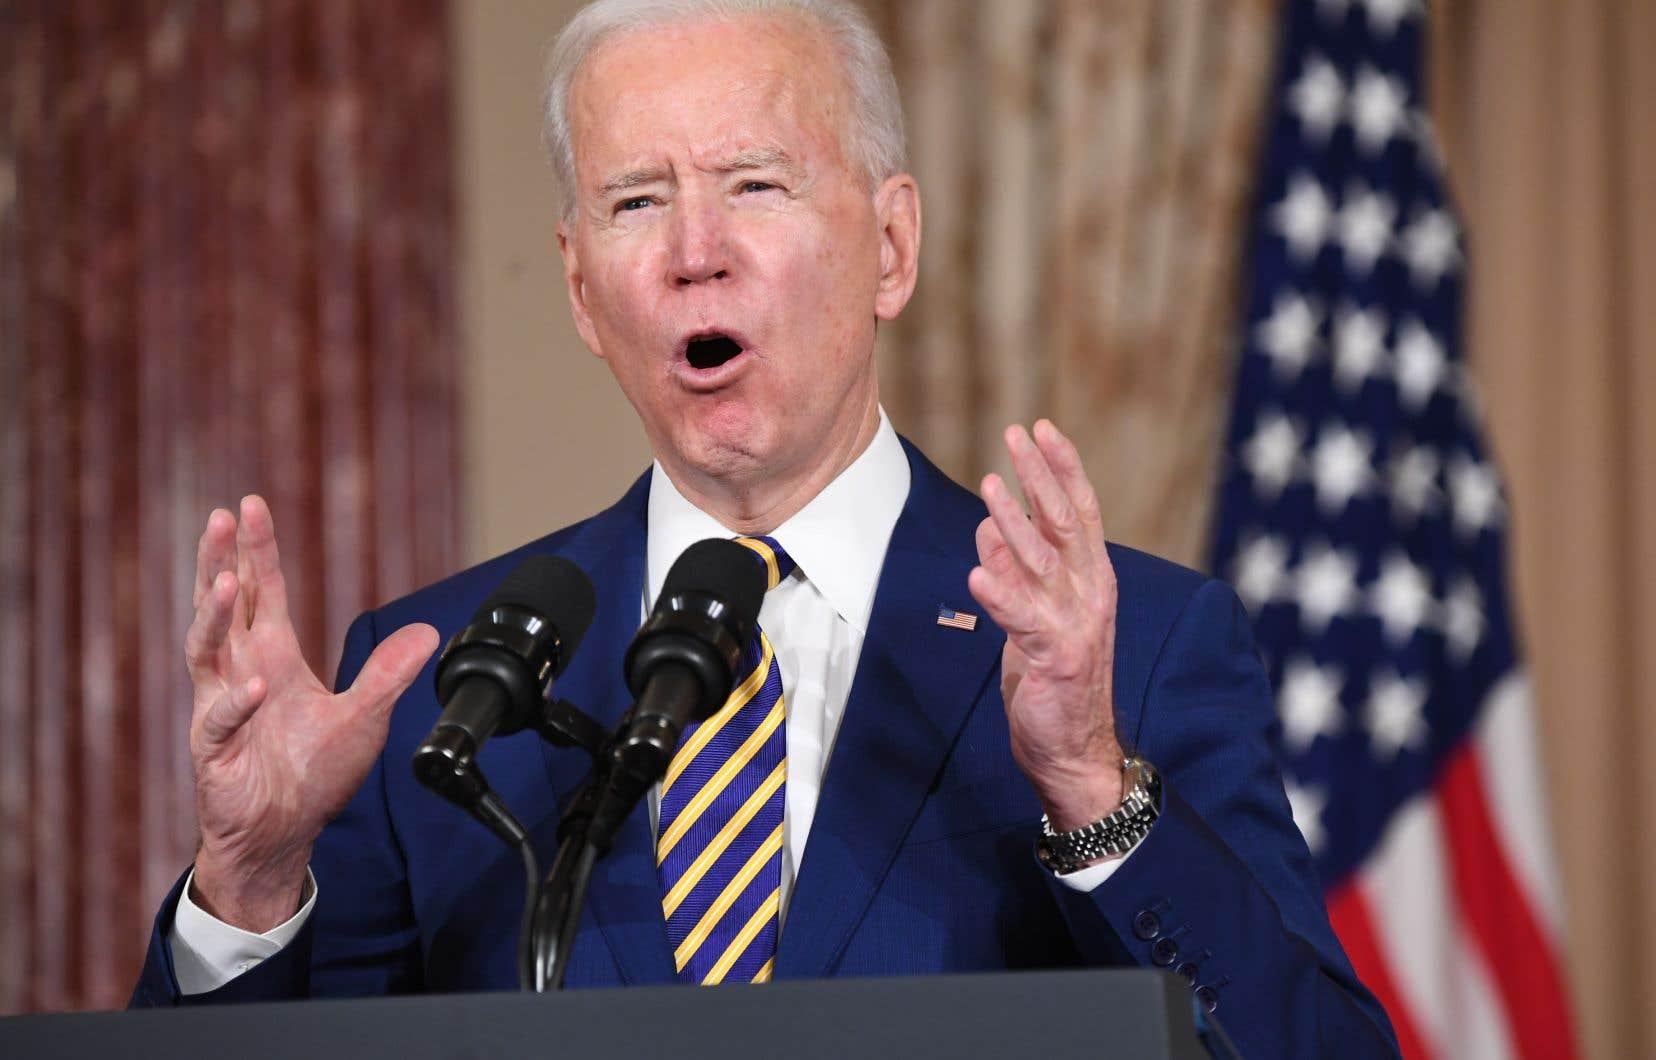 Joe Biden a promis de revenir dans l'accord sur le nucléaire, à la condition que l'Iran renoue d'abord avec ses engagements.